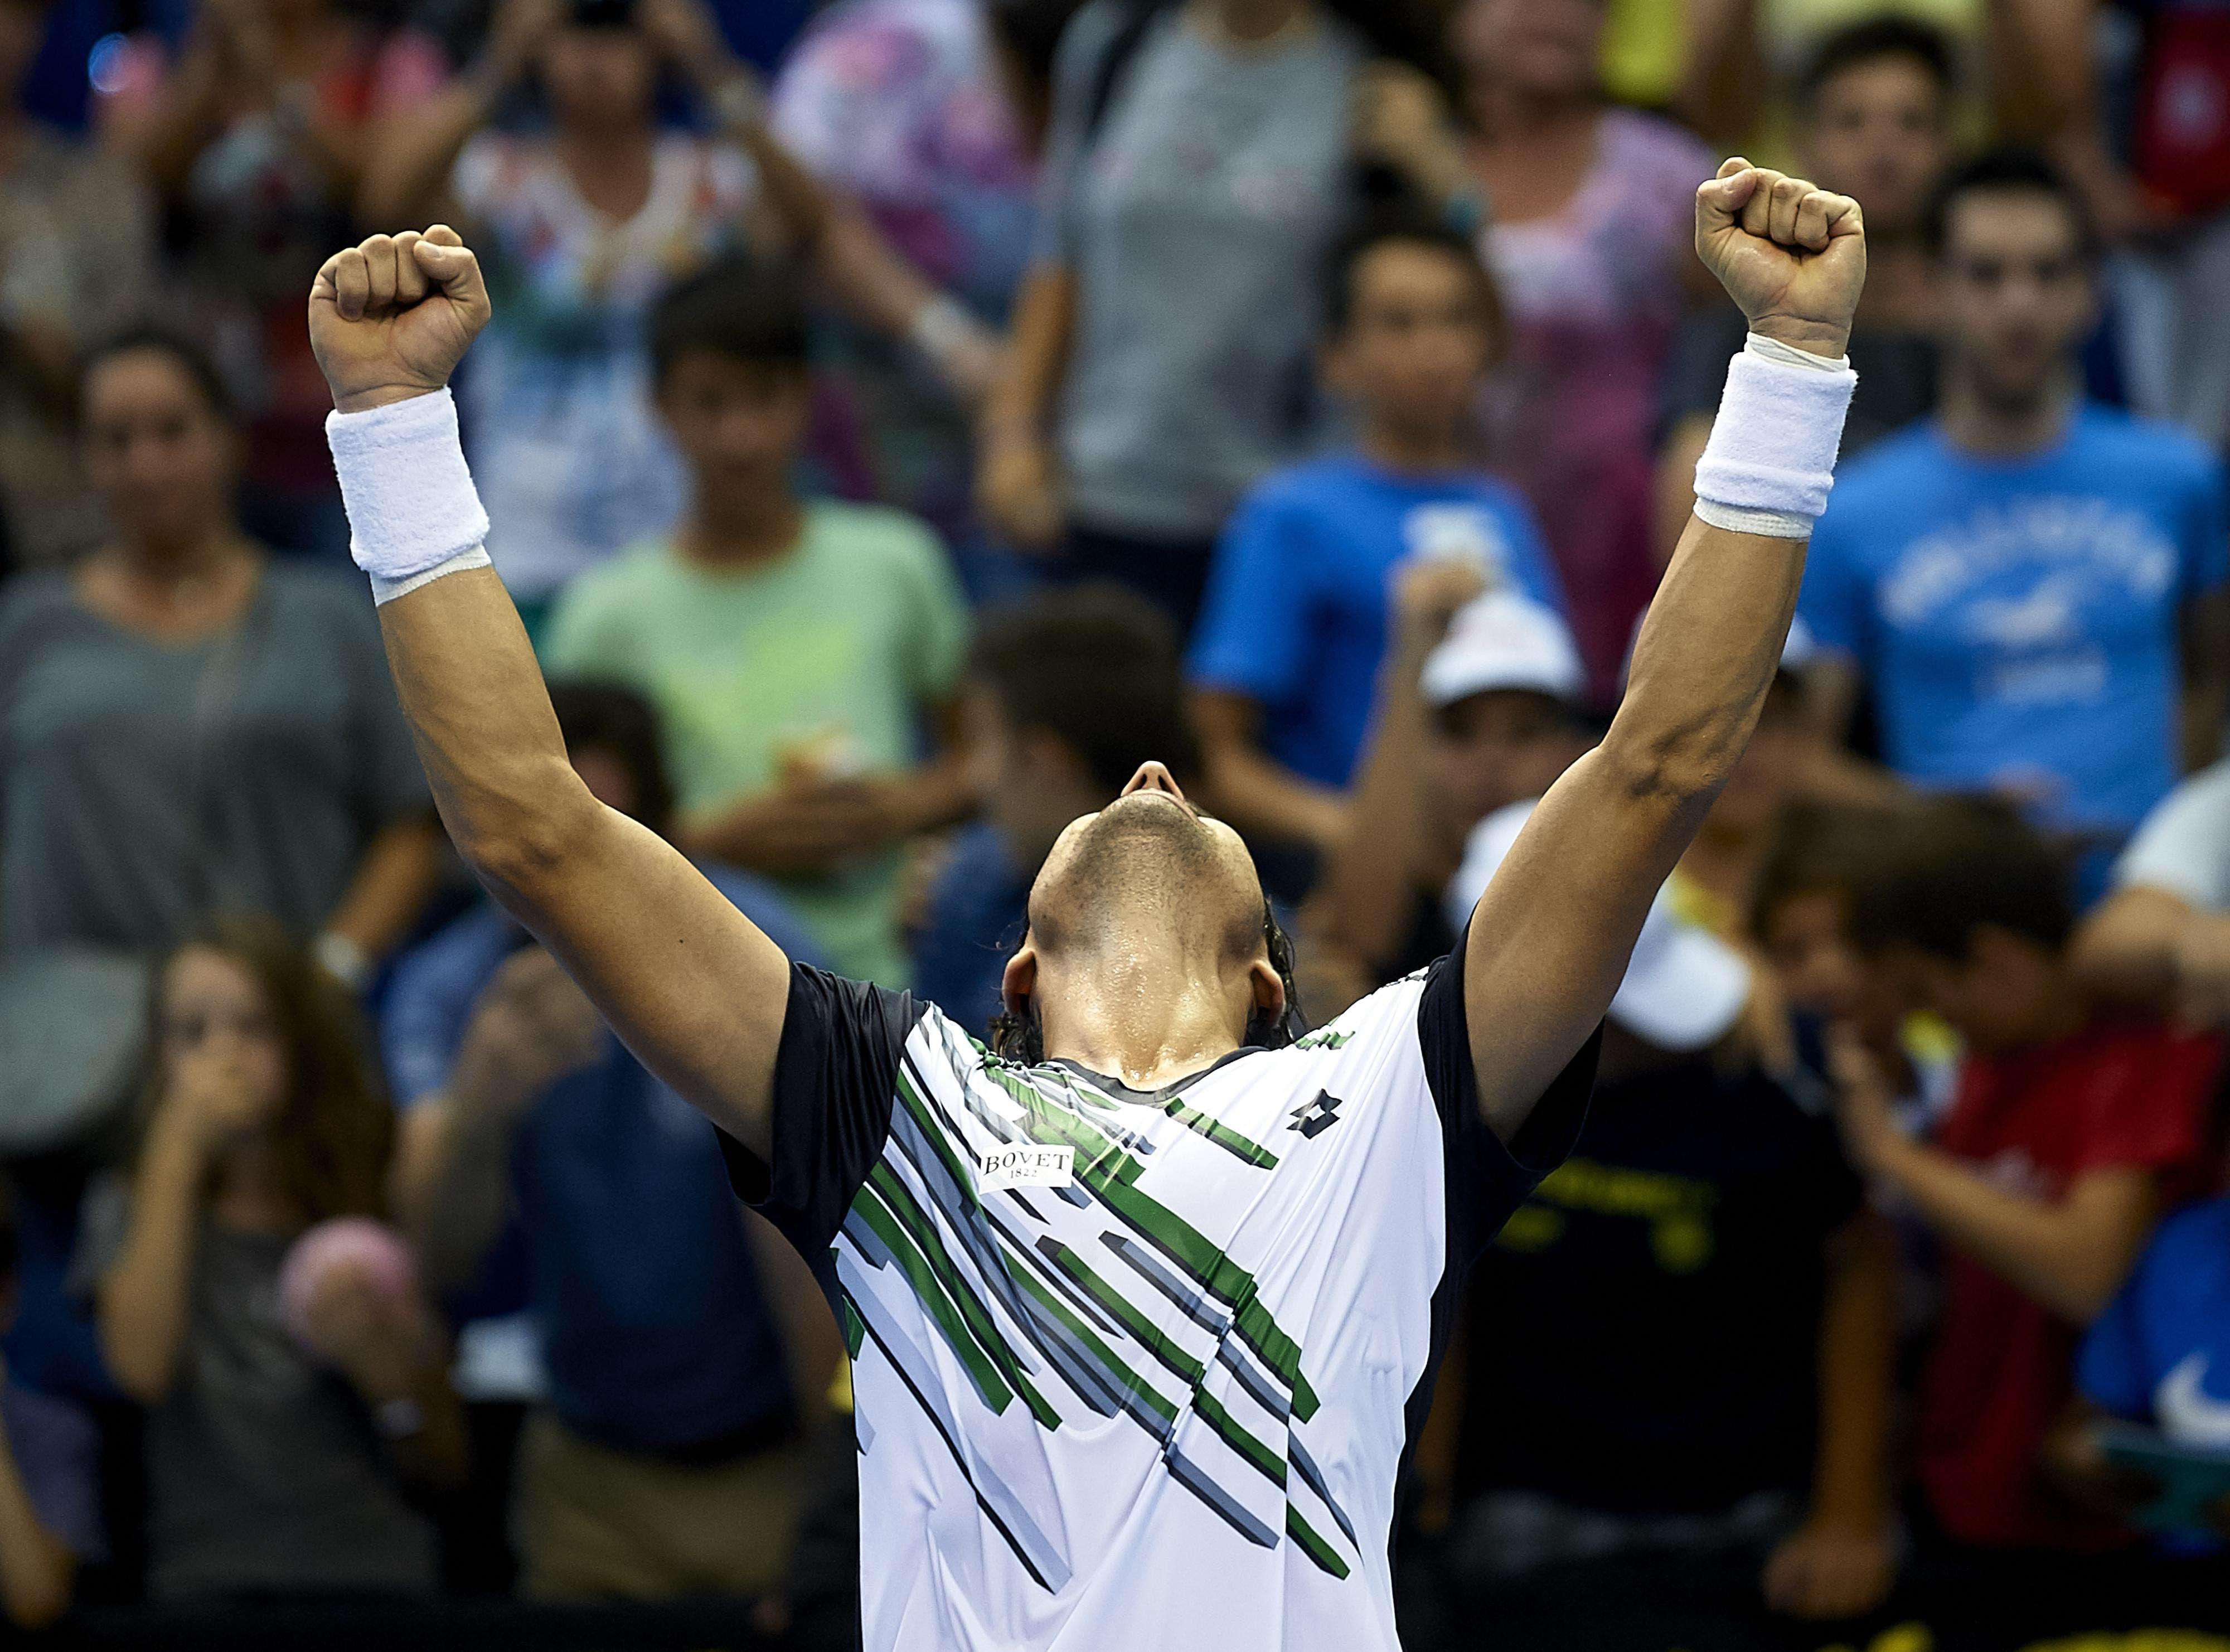 Enorme festejo de David Ferrer con sus compatriotas tras acceder a semifinales en Valencia Foto: Gettyimages